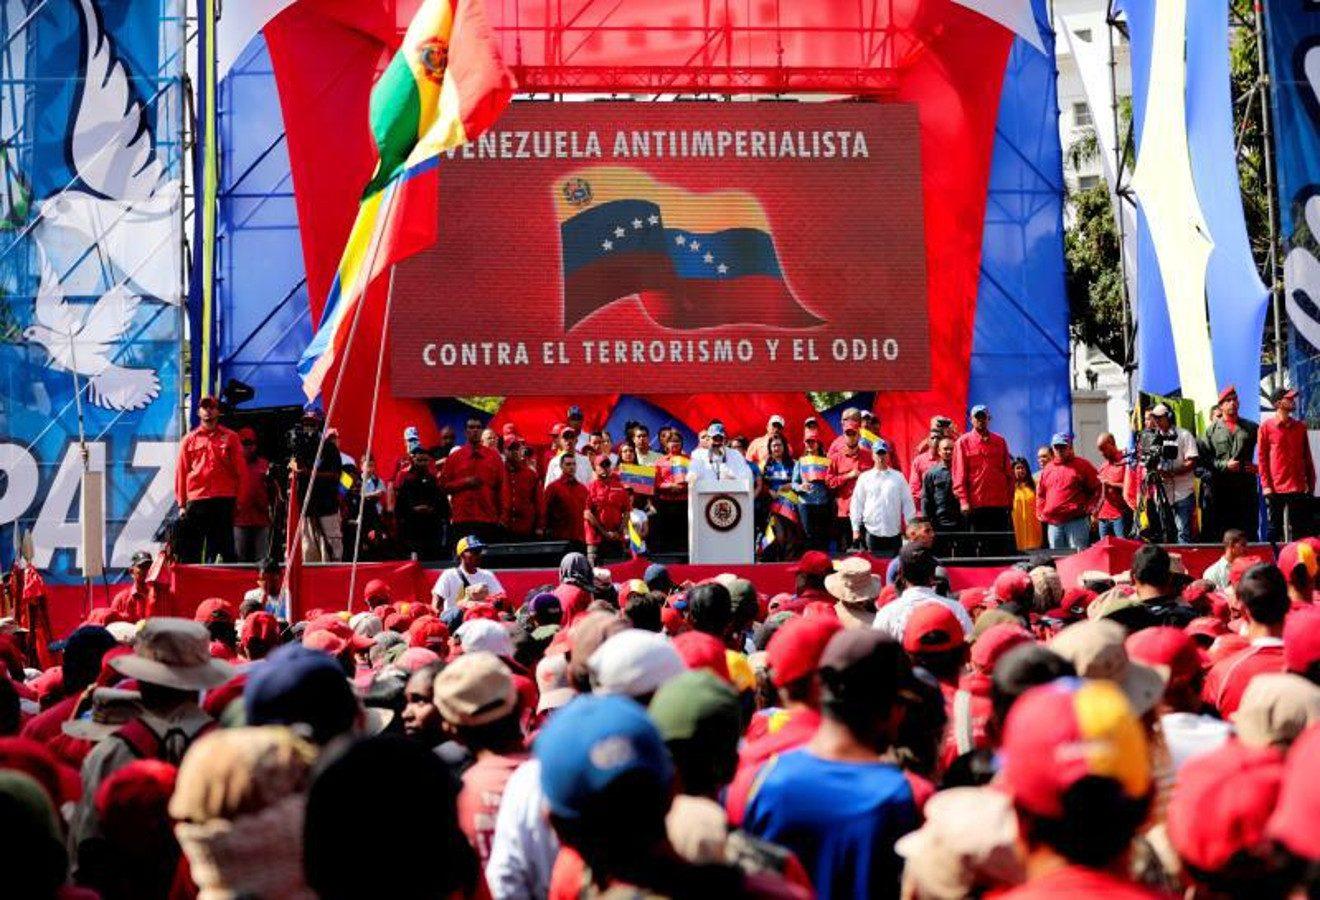 Nuevos cambios gubernamentales próximamente en Venezuela — Maduro